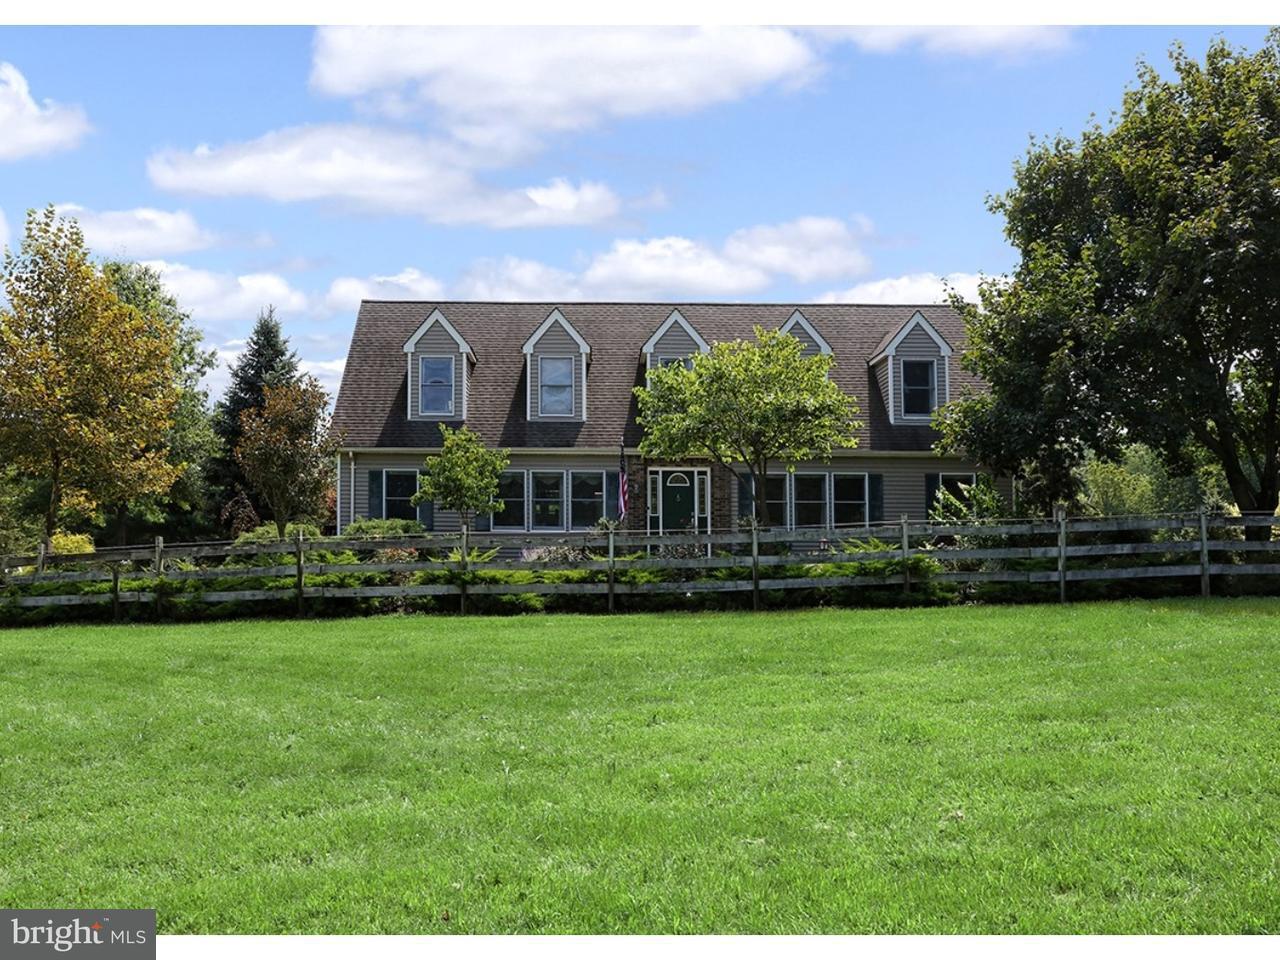 Casa Unifamiliar por un Venta en 34 LARSEN Road Ringoes, Nueva Jersey 08551 Estados UnidosEn/Alrededor: East Amwell Township